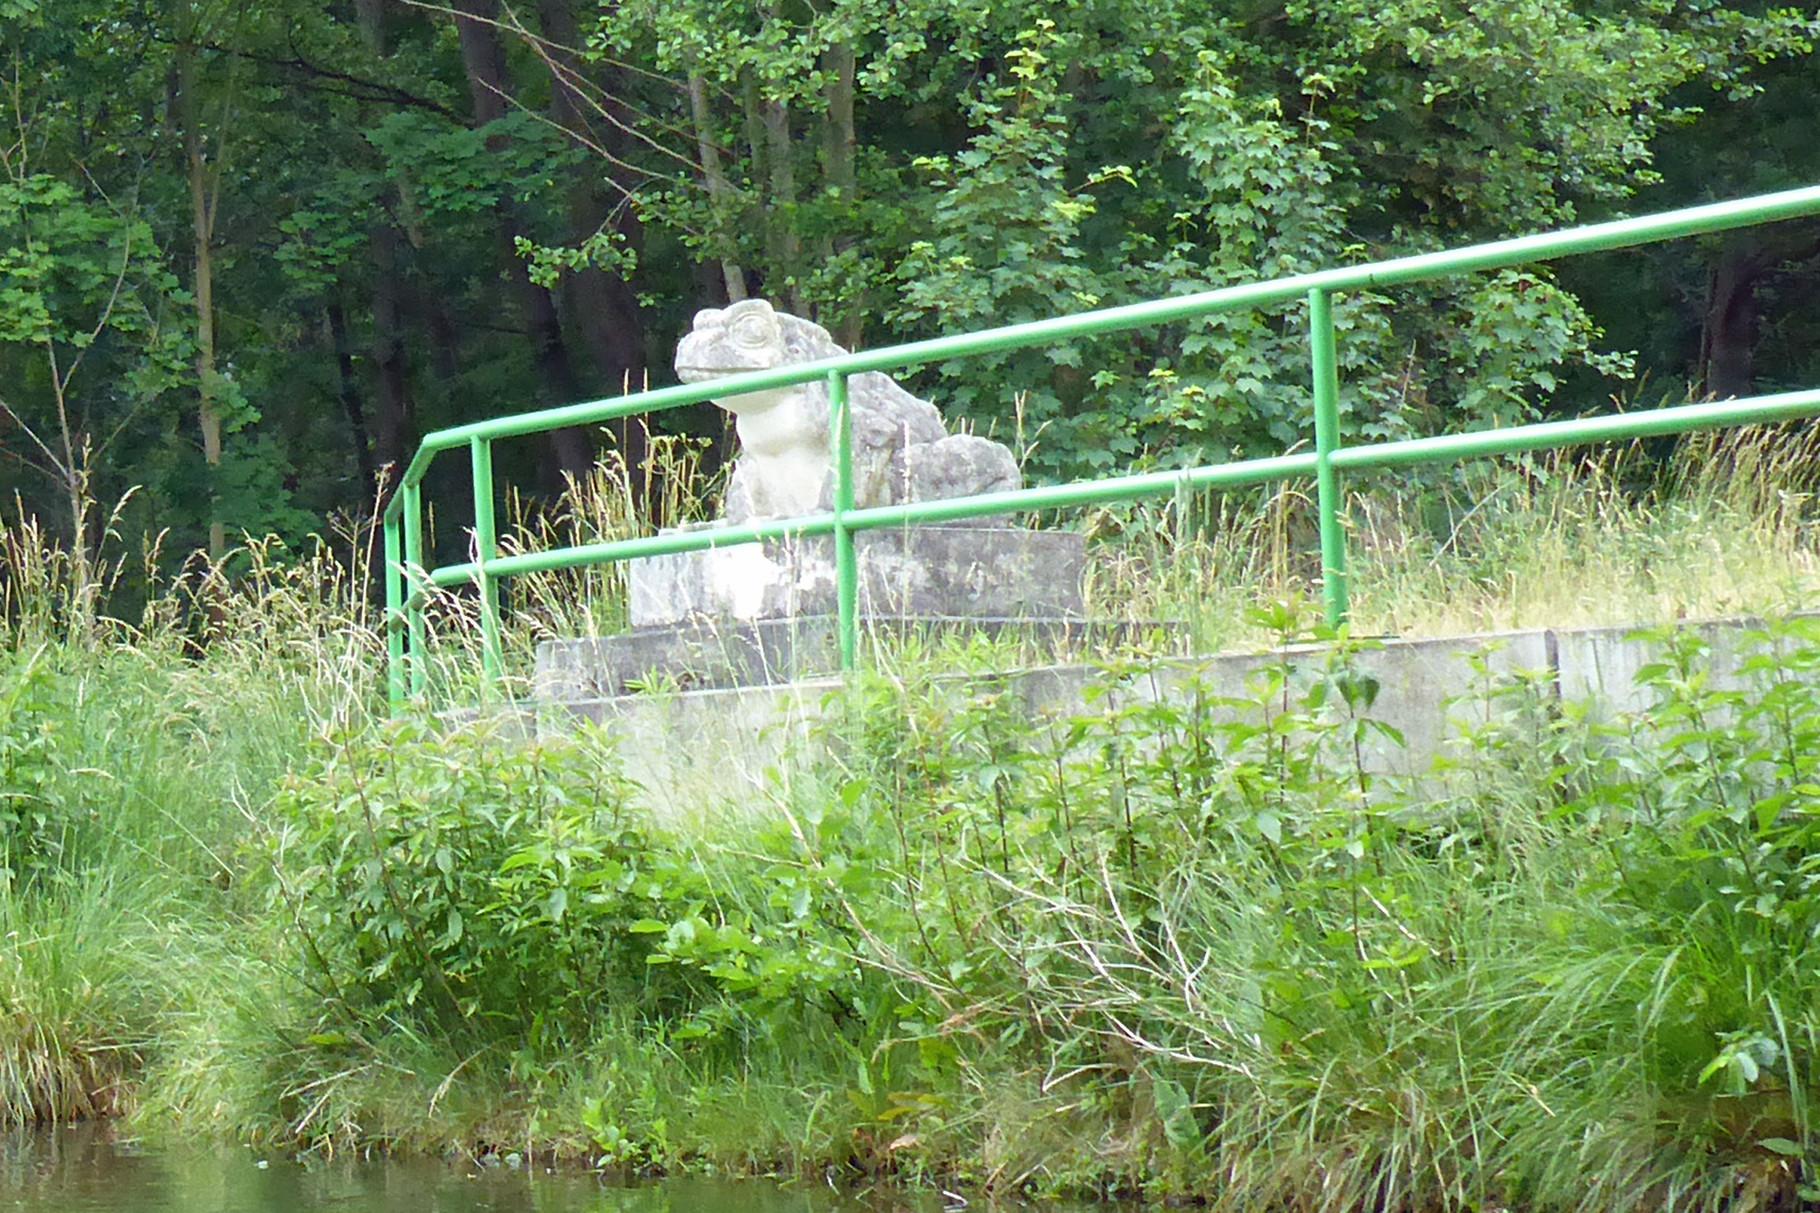 Kröten lauern unter der Brücke.